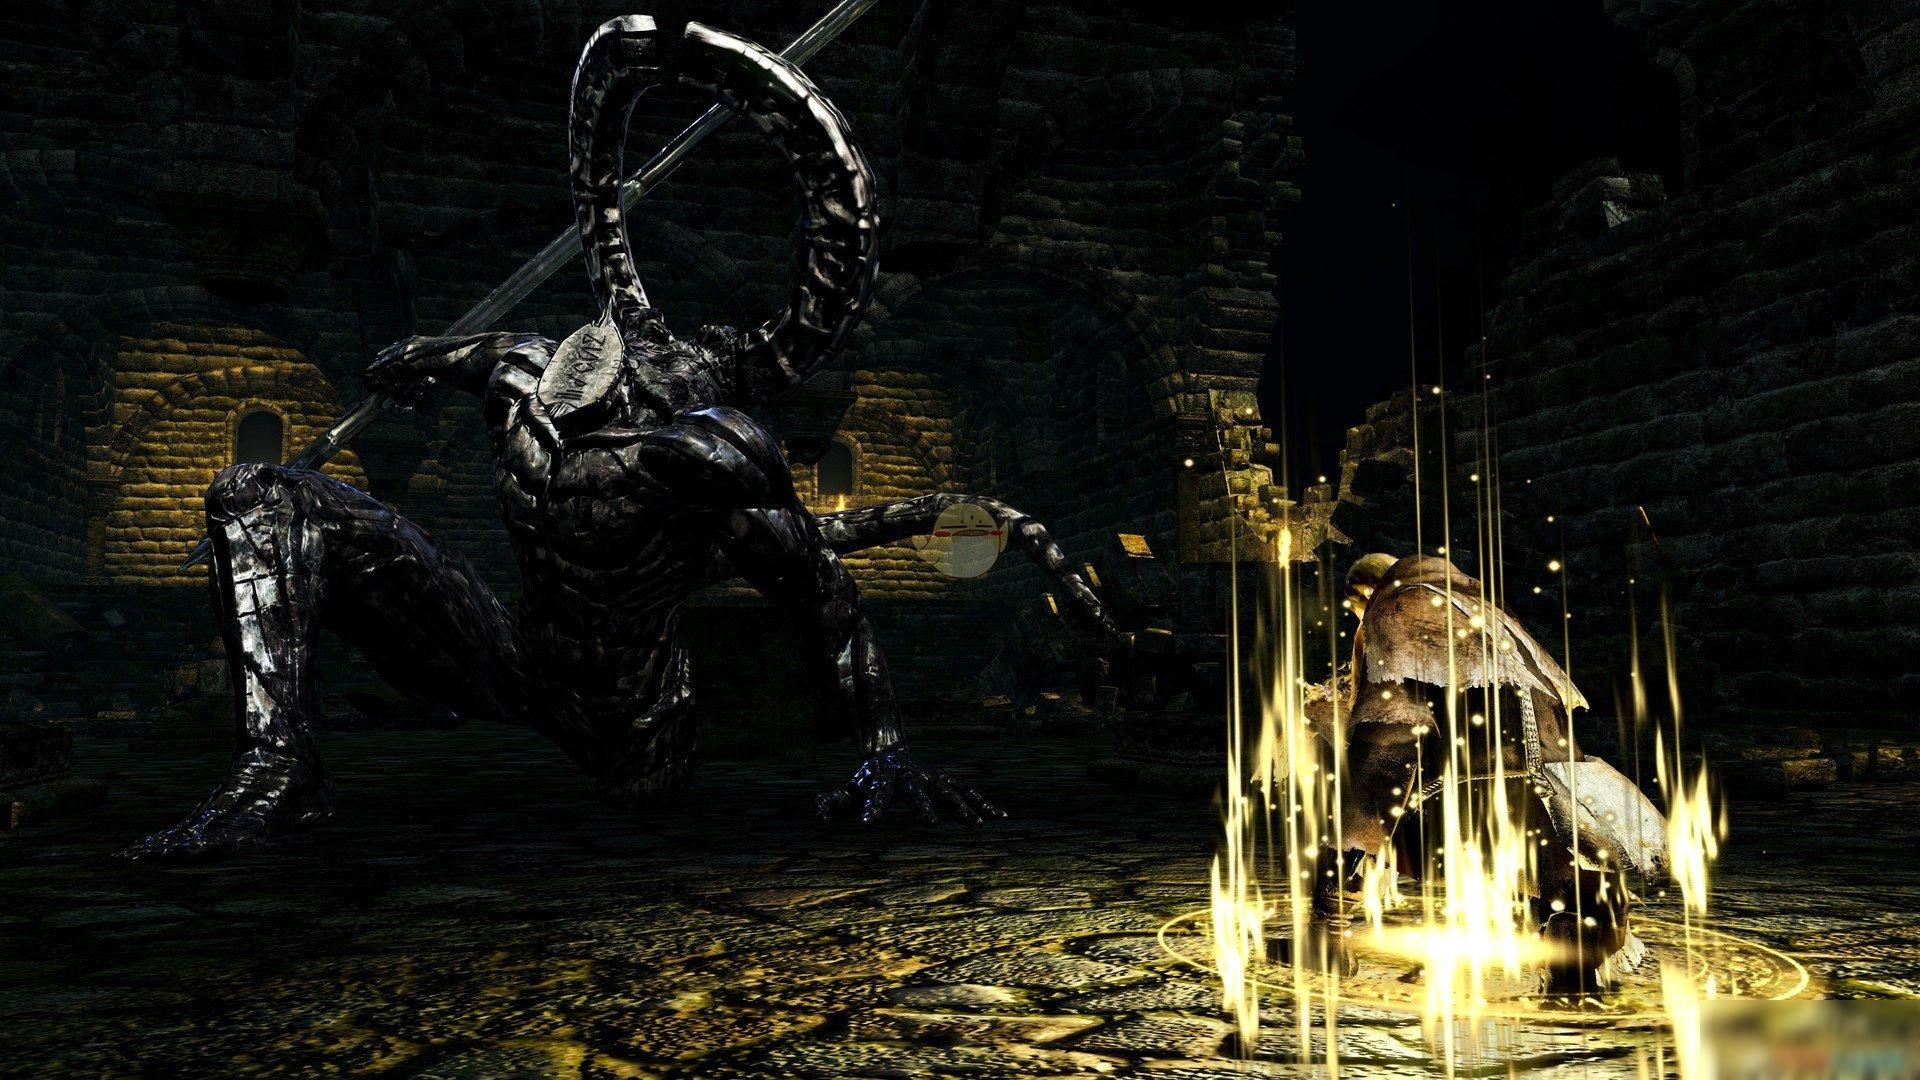 《黑暗之魂重制版》曲剑怎么得 全曲剑获得方法分享